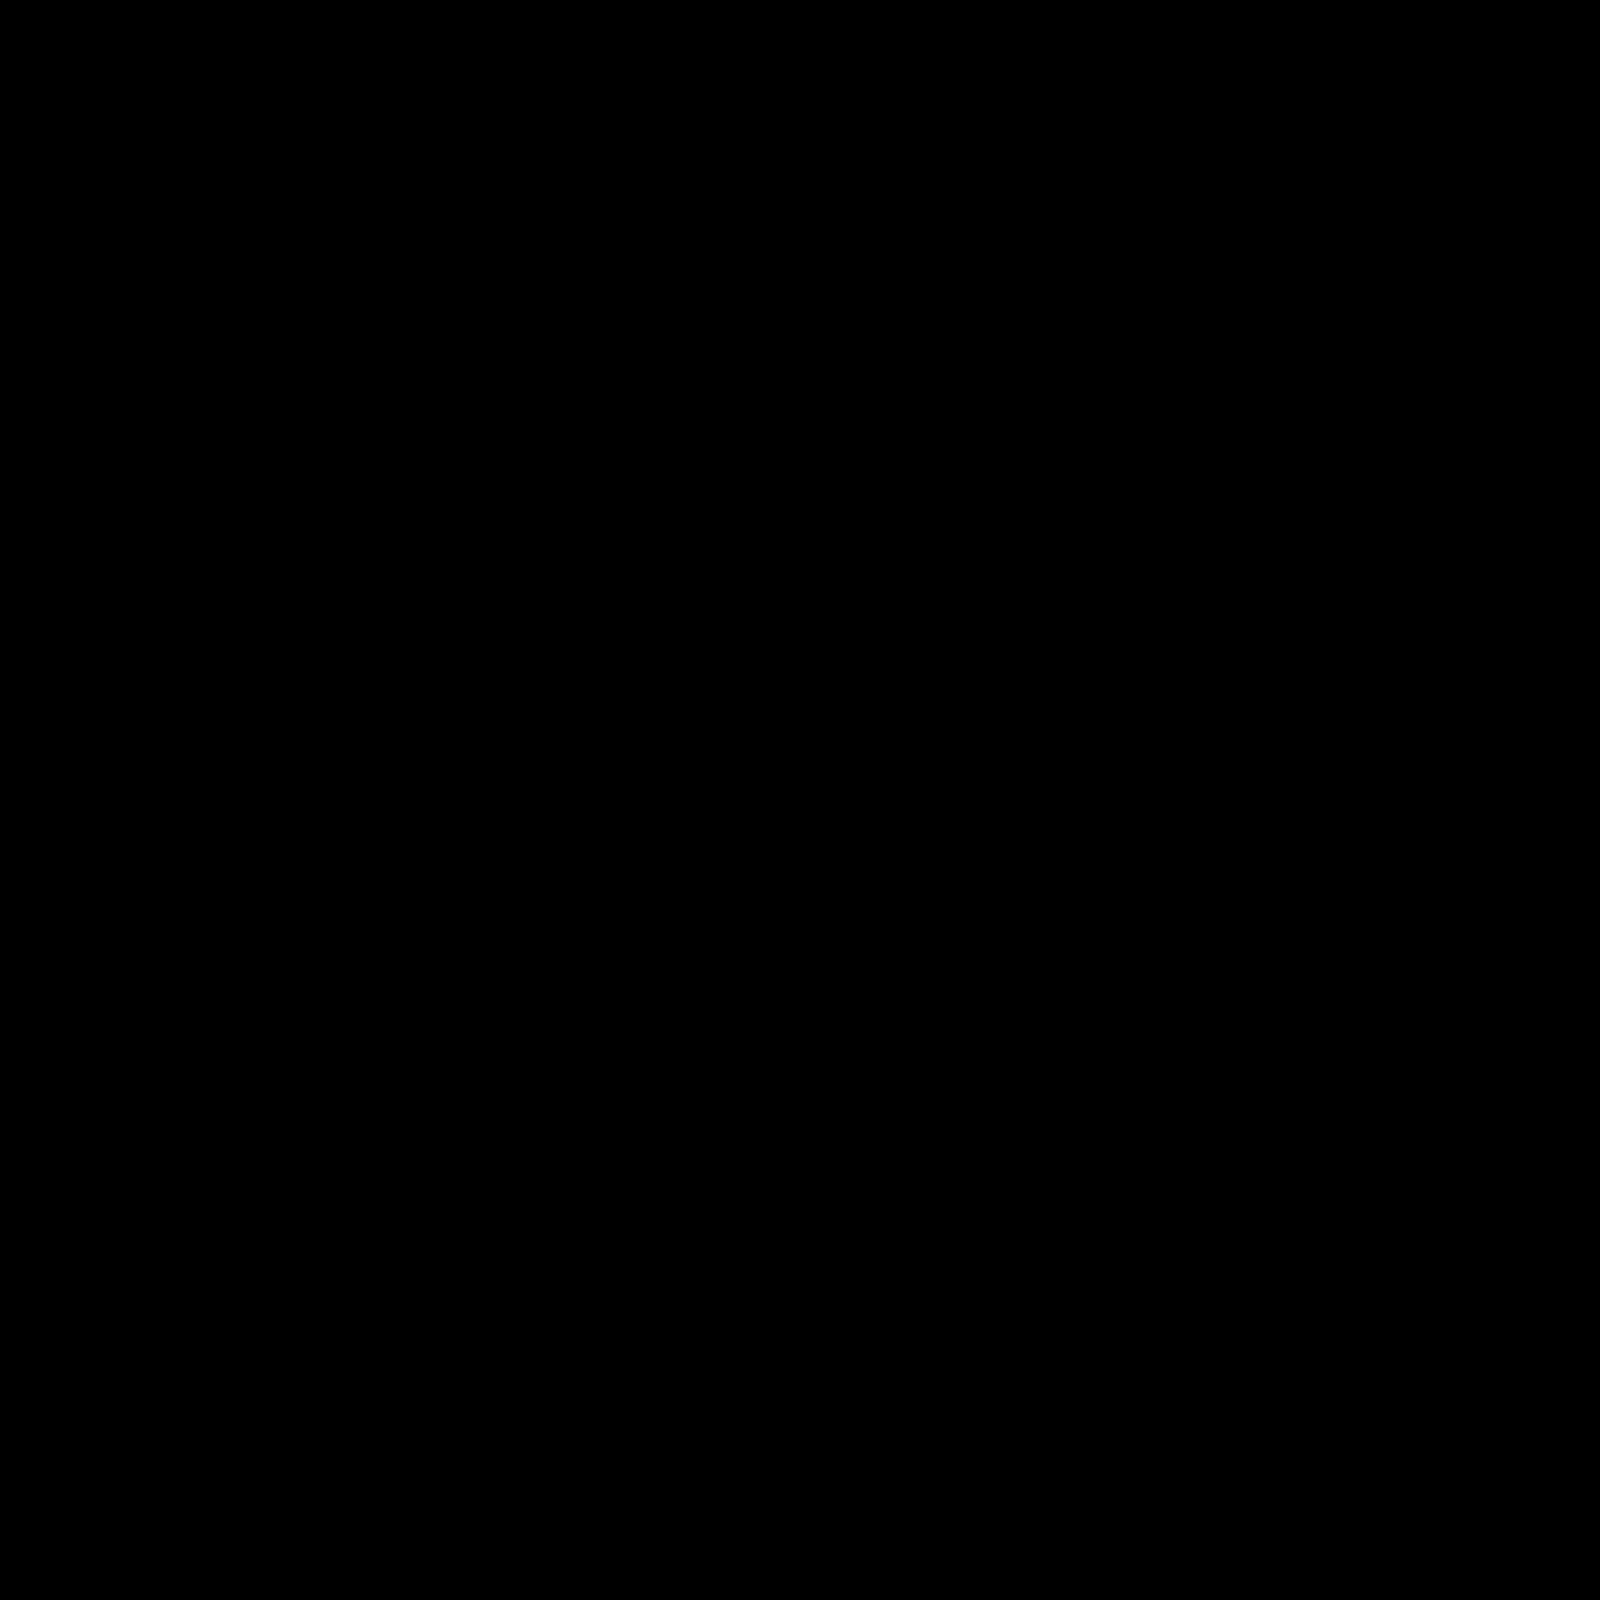 Name Tag Woman Horizontal icon